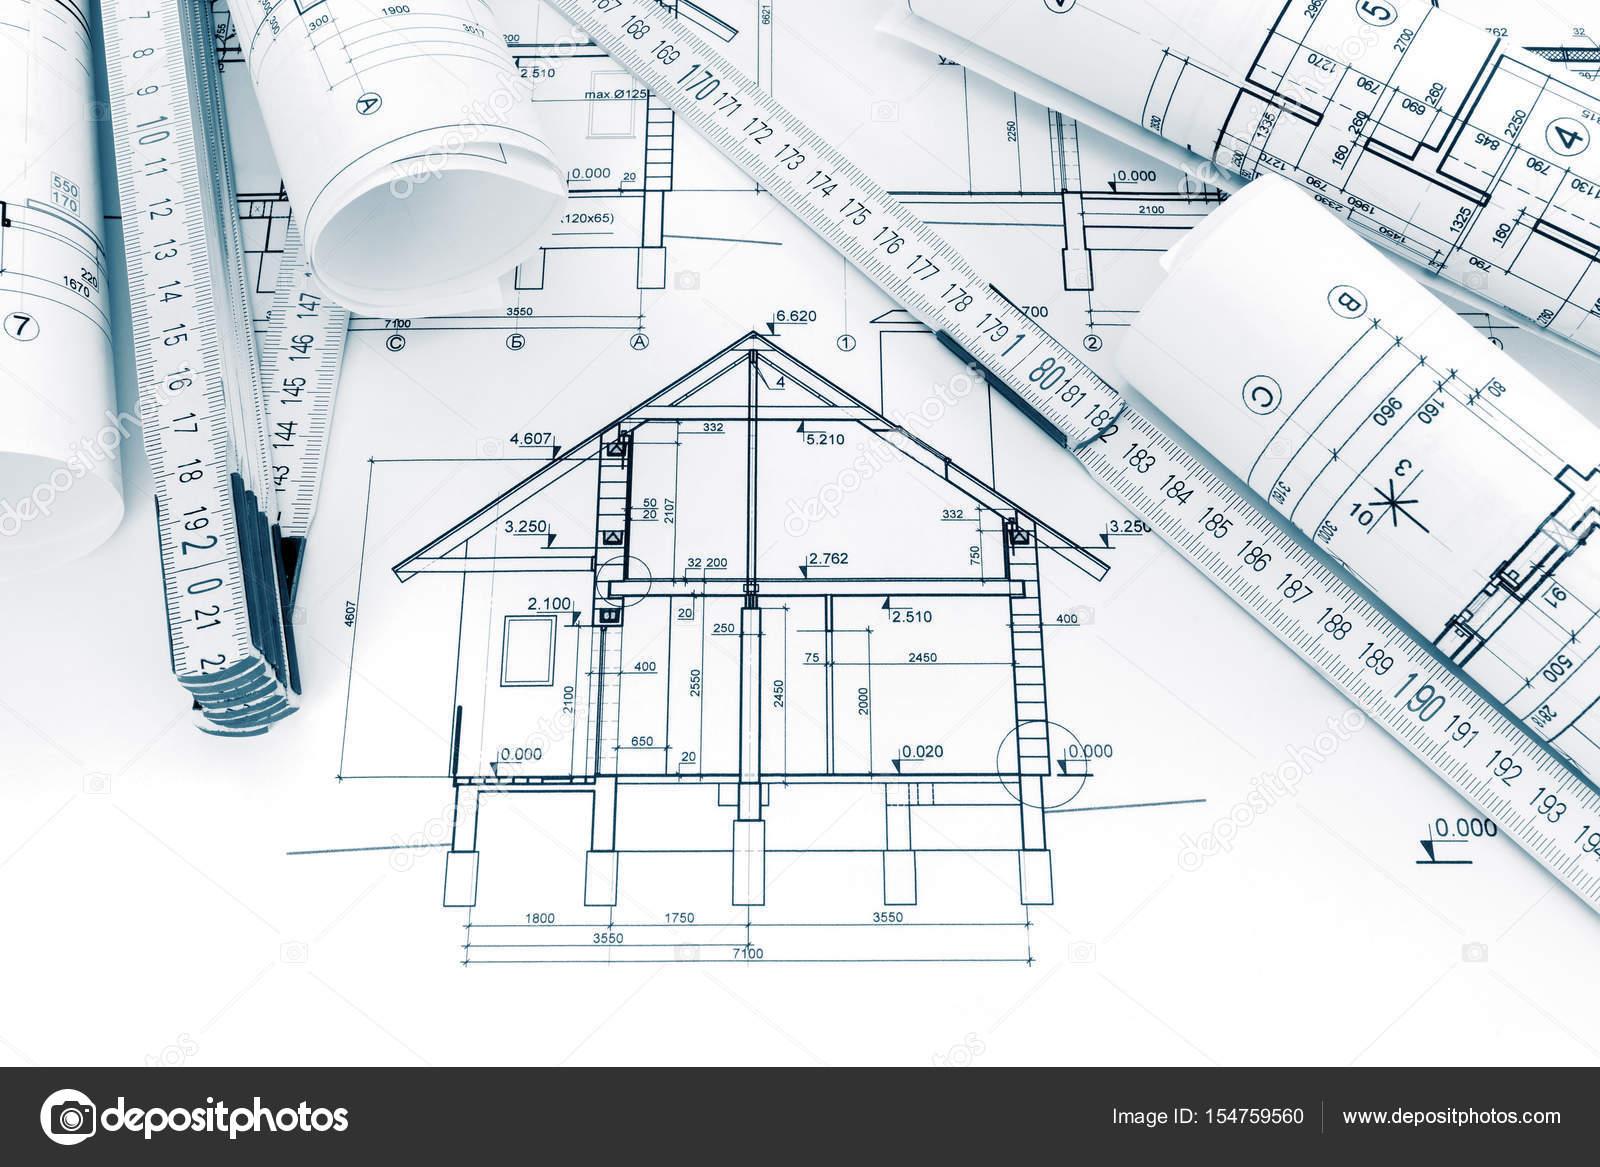 Rouleaux De Dessins Techniques Avec Les Plans Et Les Plans De Construction D U0027une Maison